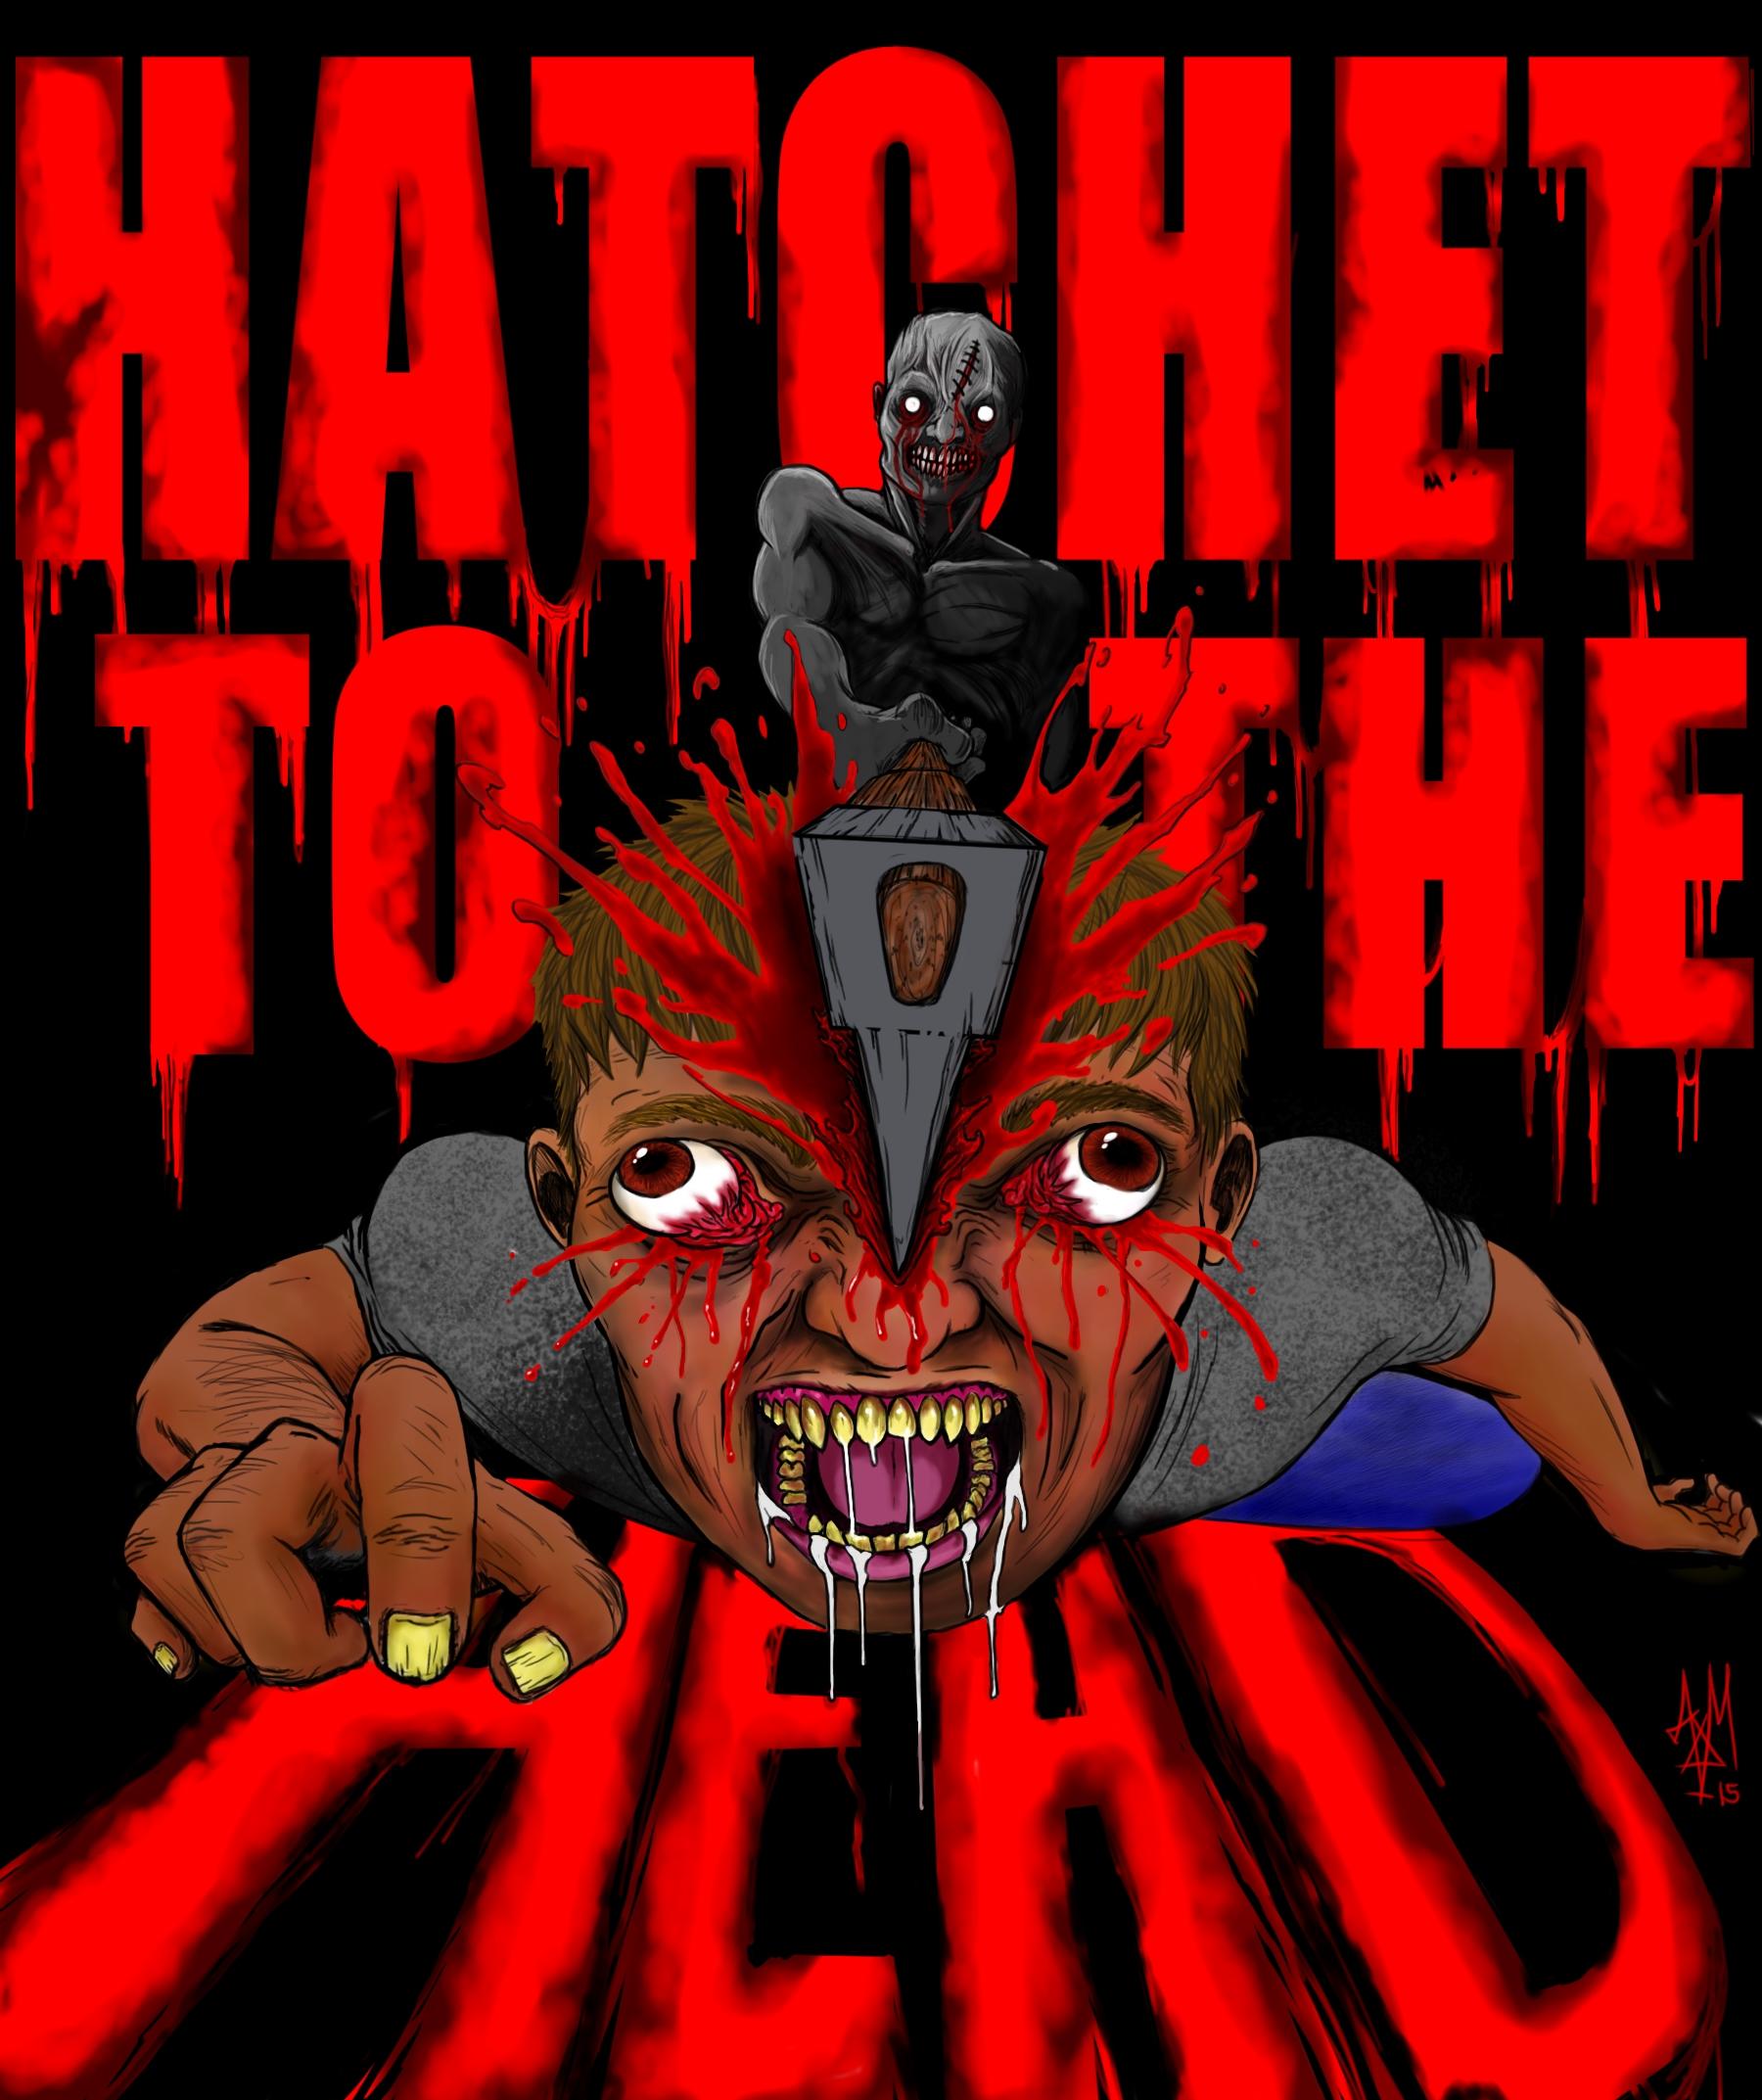 HATCHET TO THE HEAD